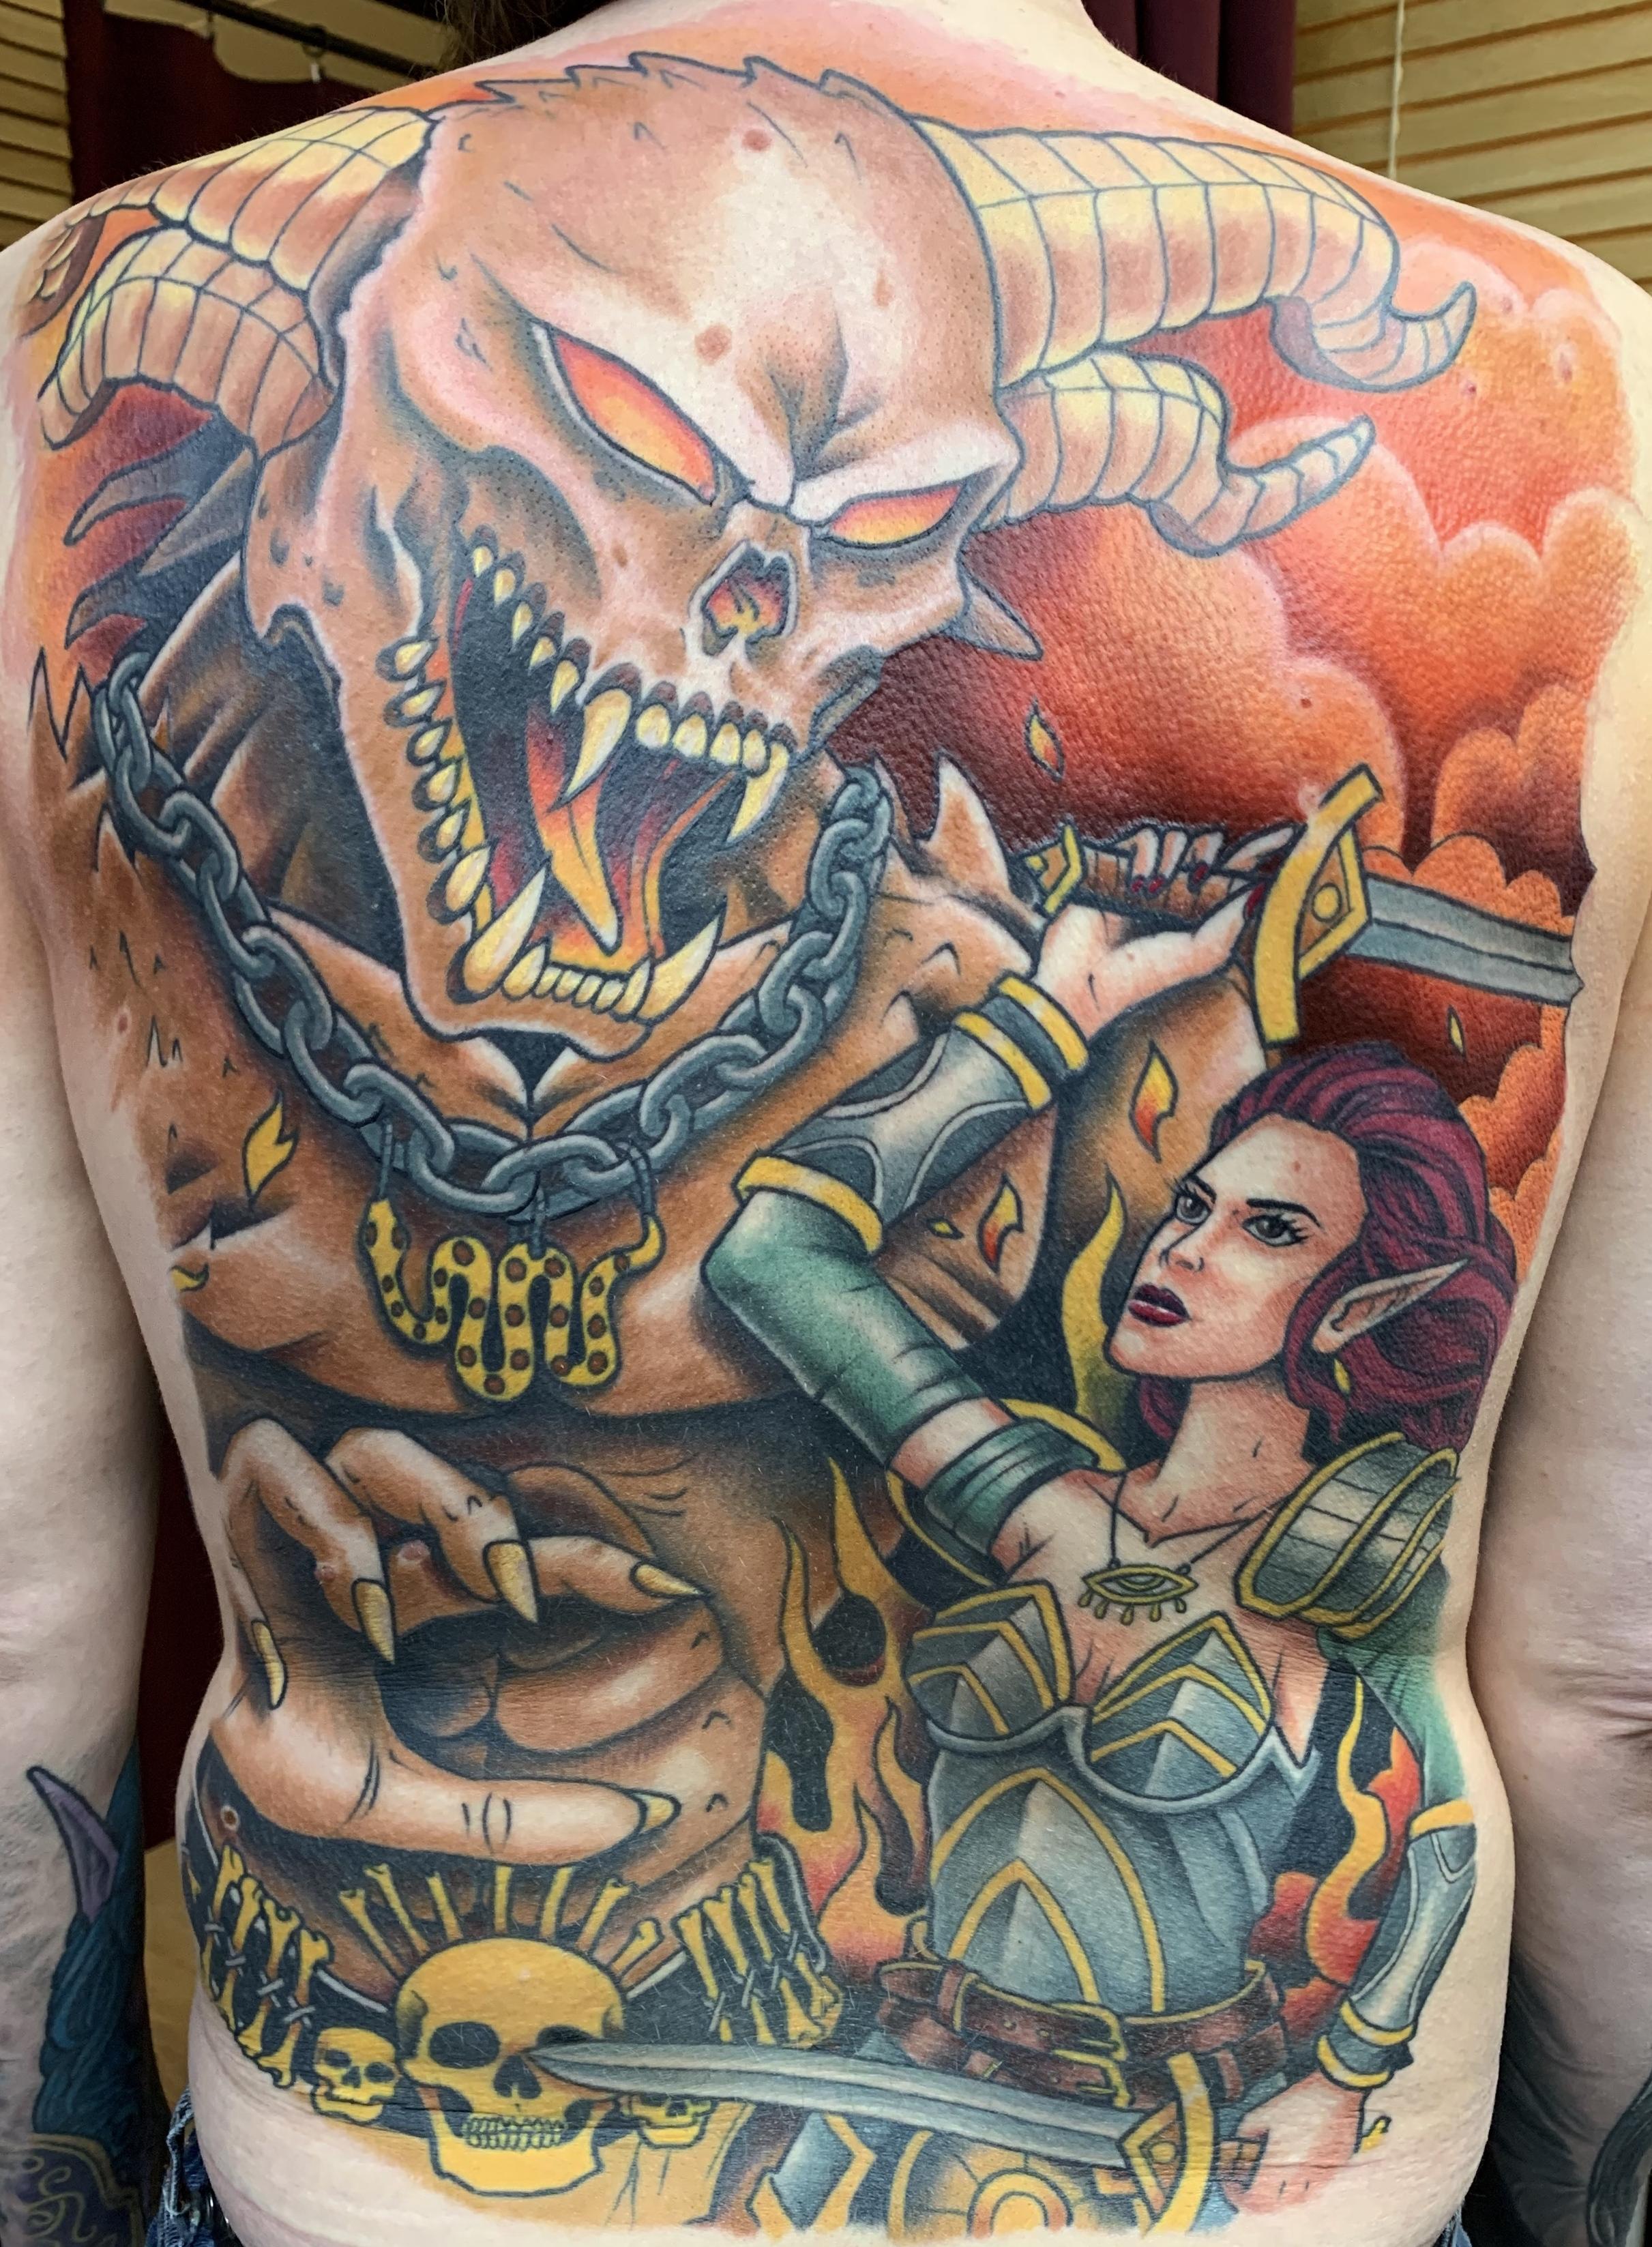 Tattoo ja oder nein argumente